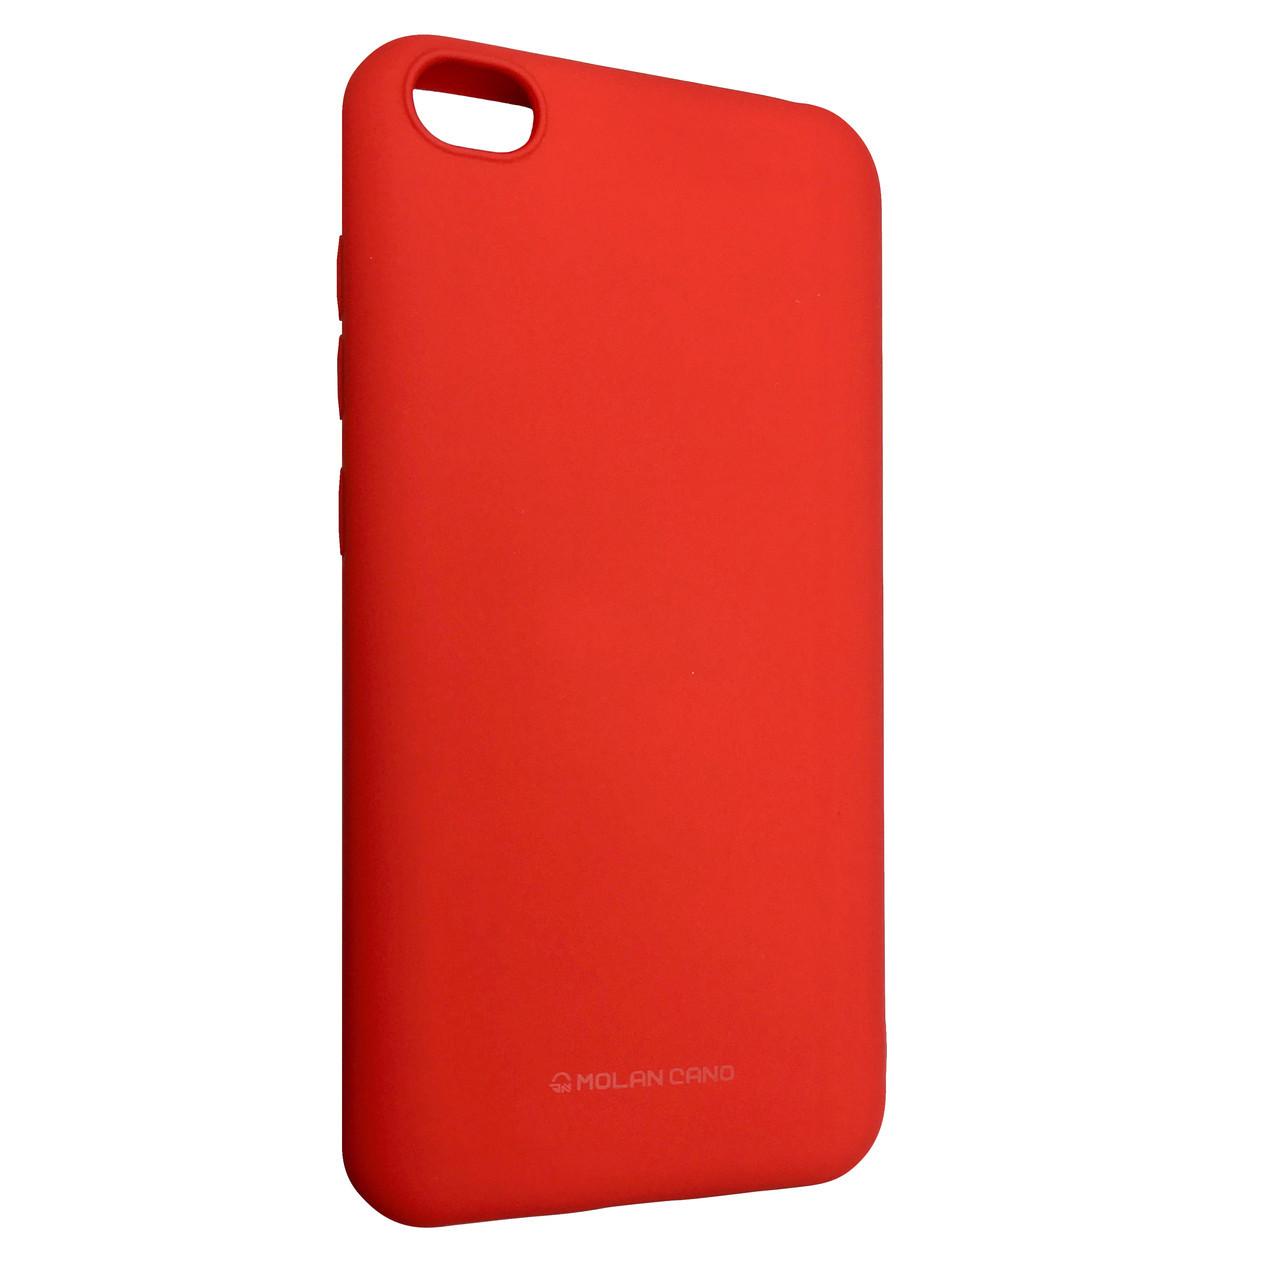 Чехол Silicone Hana Molan Cano Xiaomi Redmi Go (red)